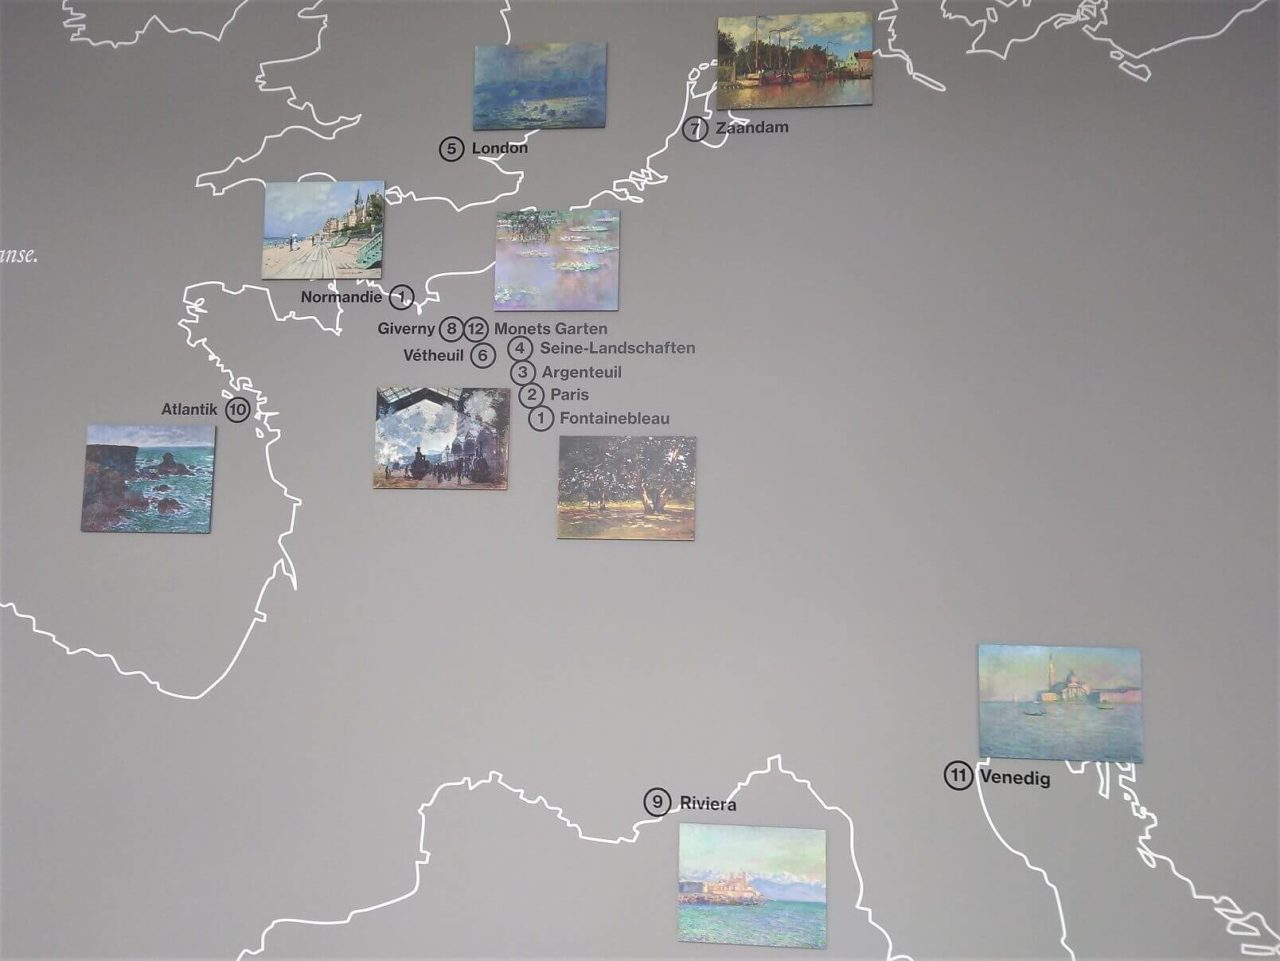 Karte mit einer Übersicht der Orte